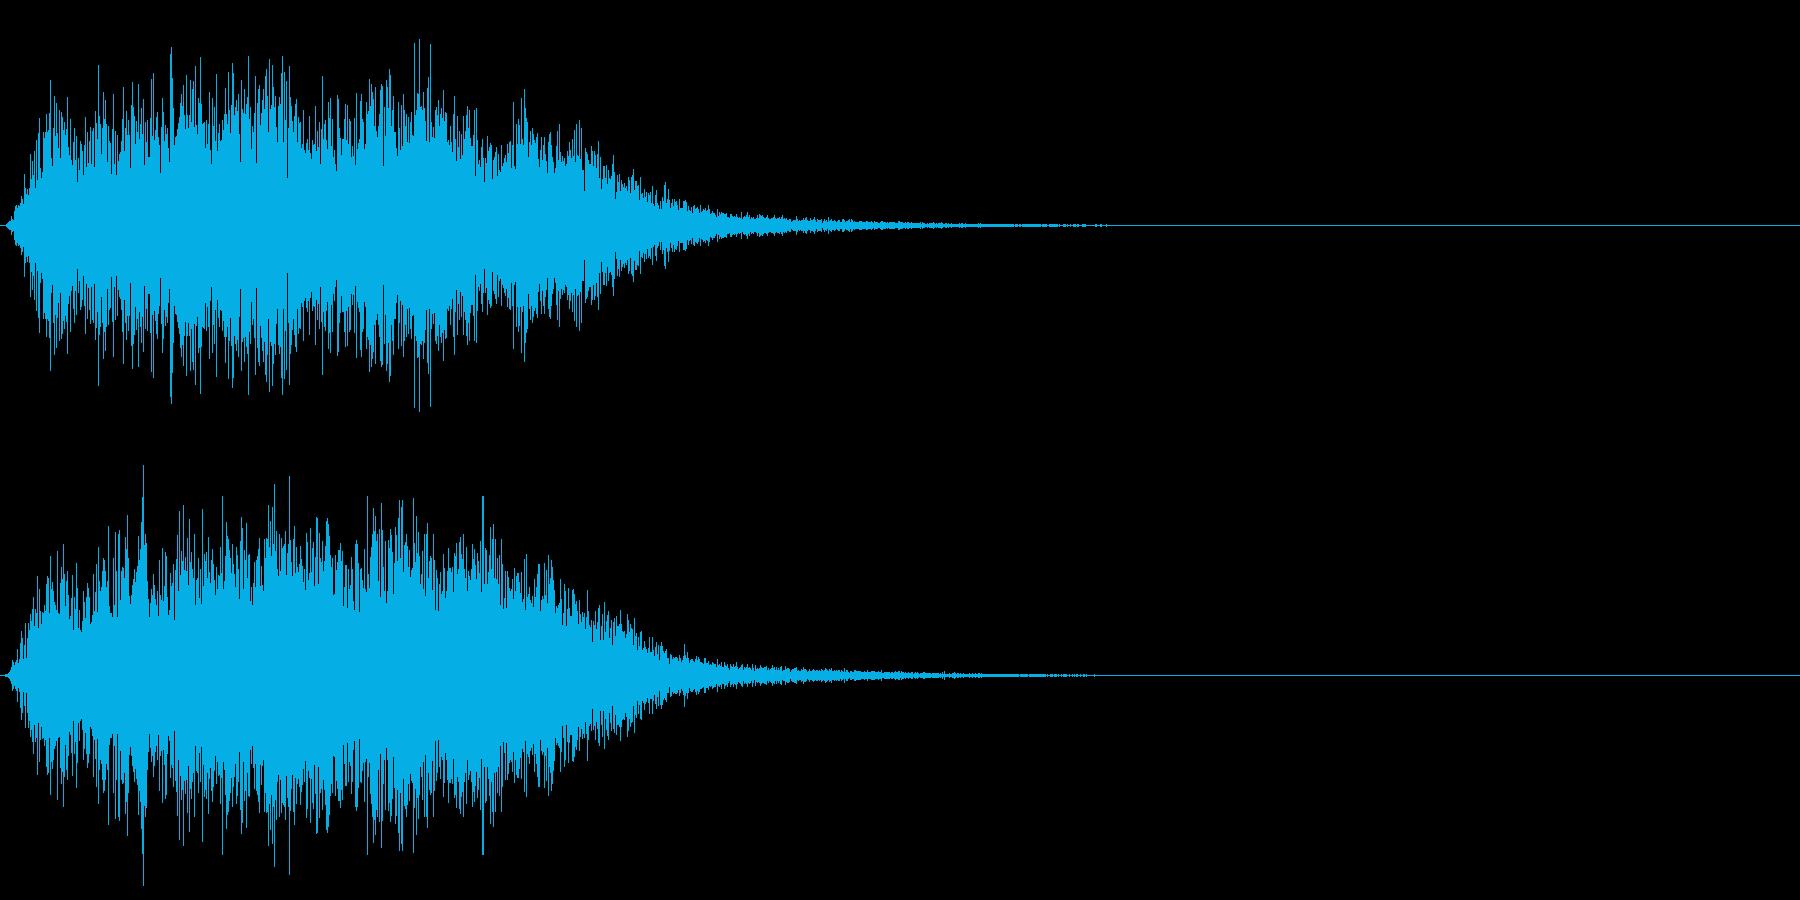 ワープ音 (ゴーウニョニョニョニョ)の再生済みの波形